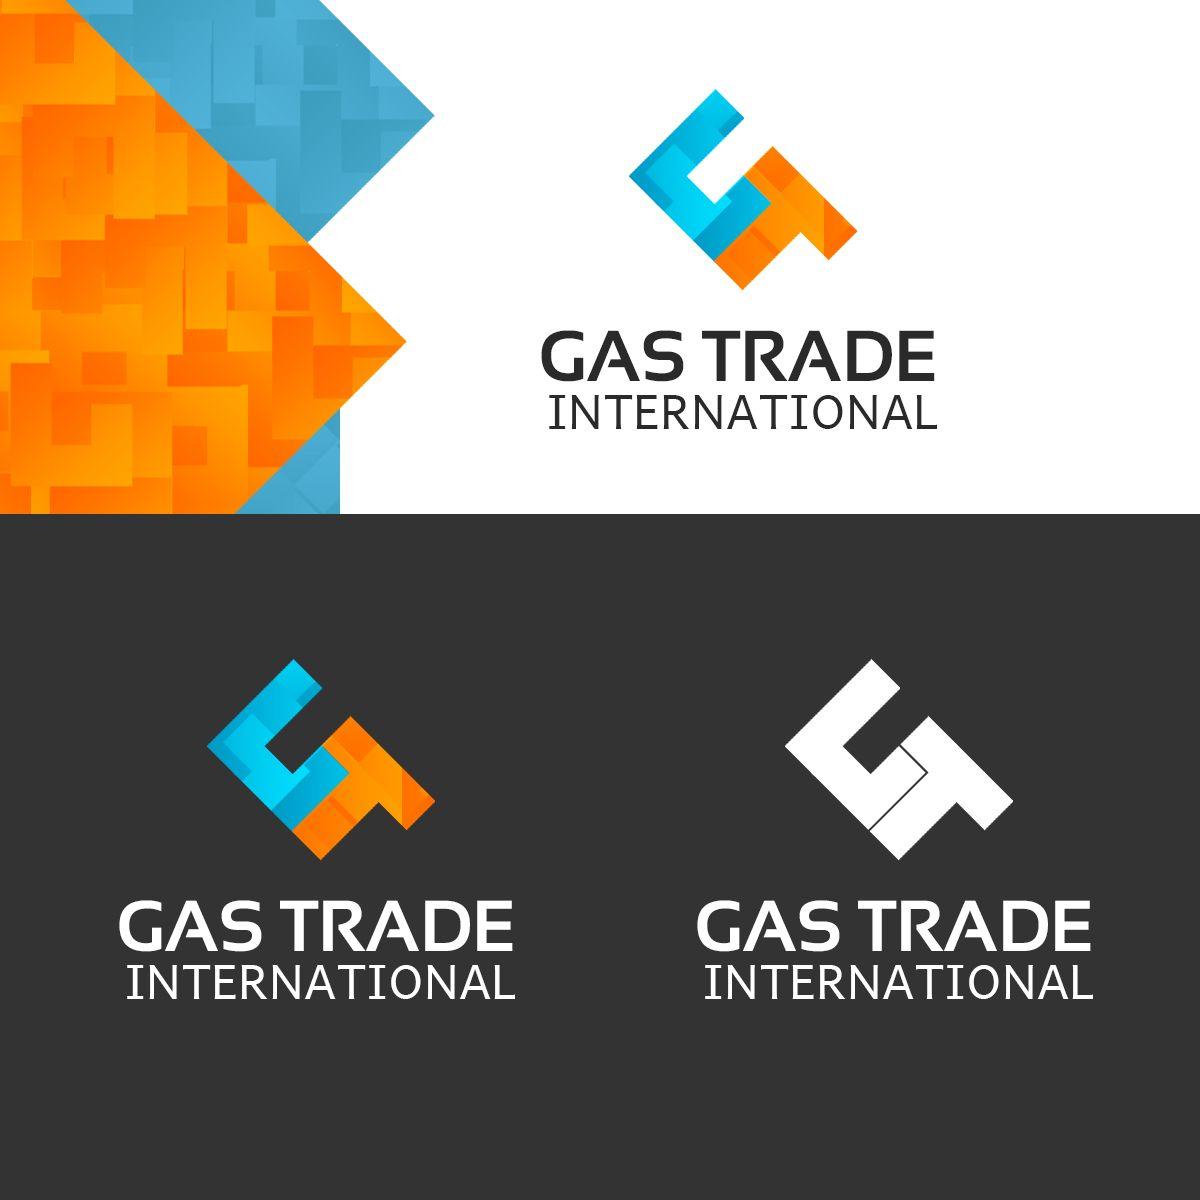 Компания торгующая природным газом - дизайнер Muskin